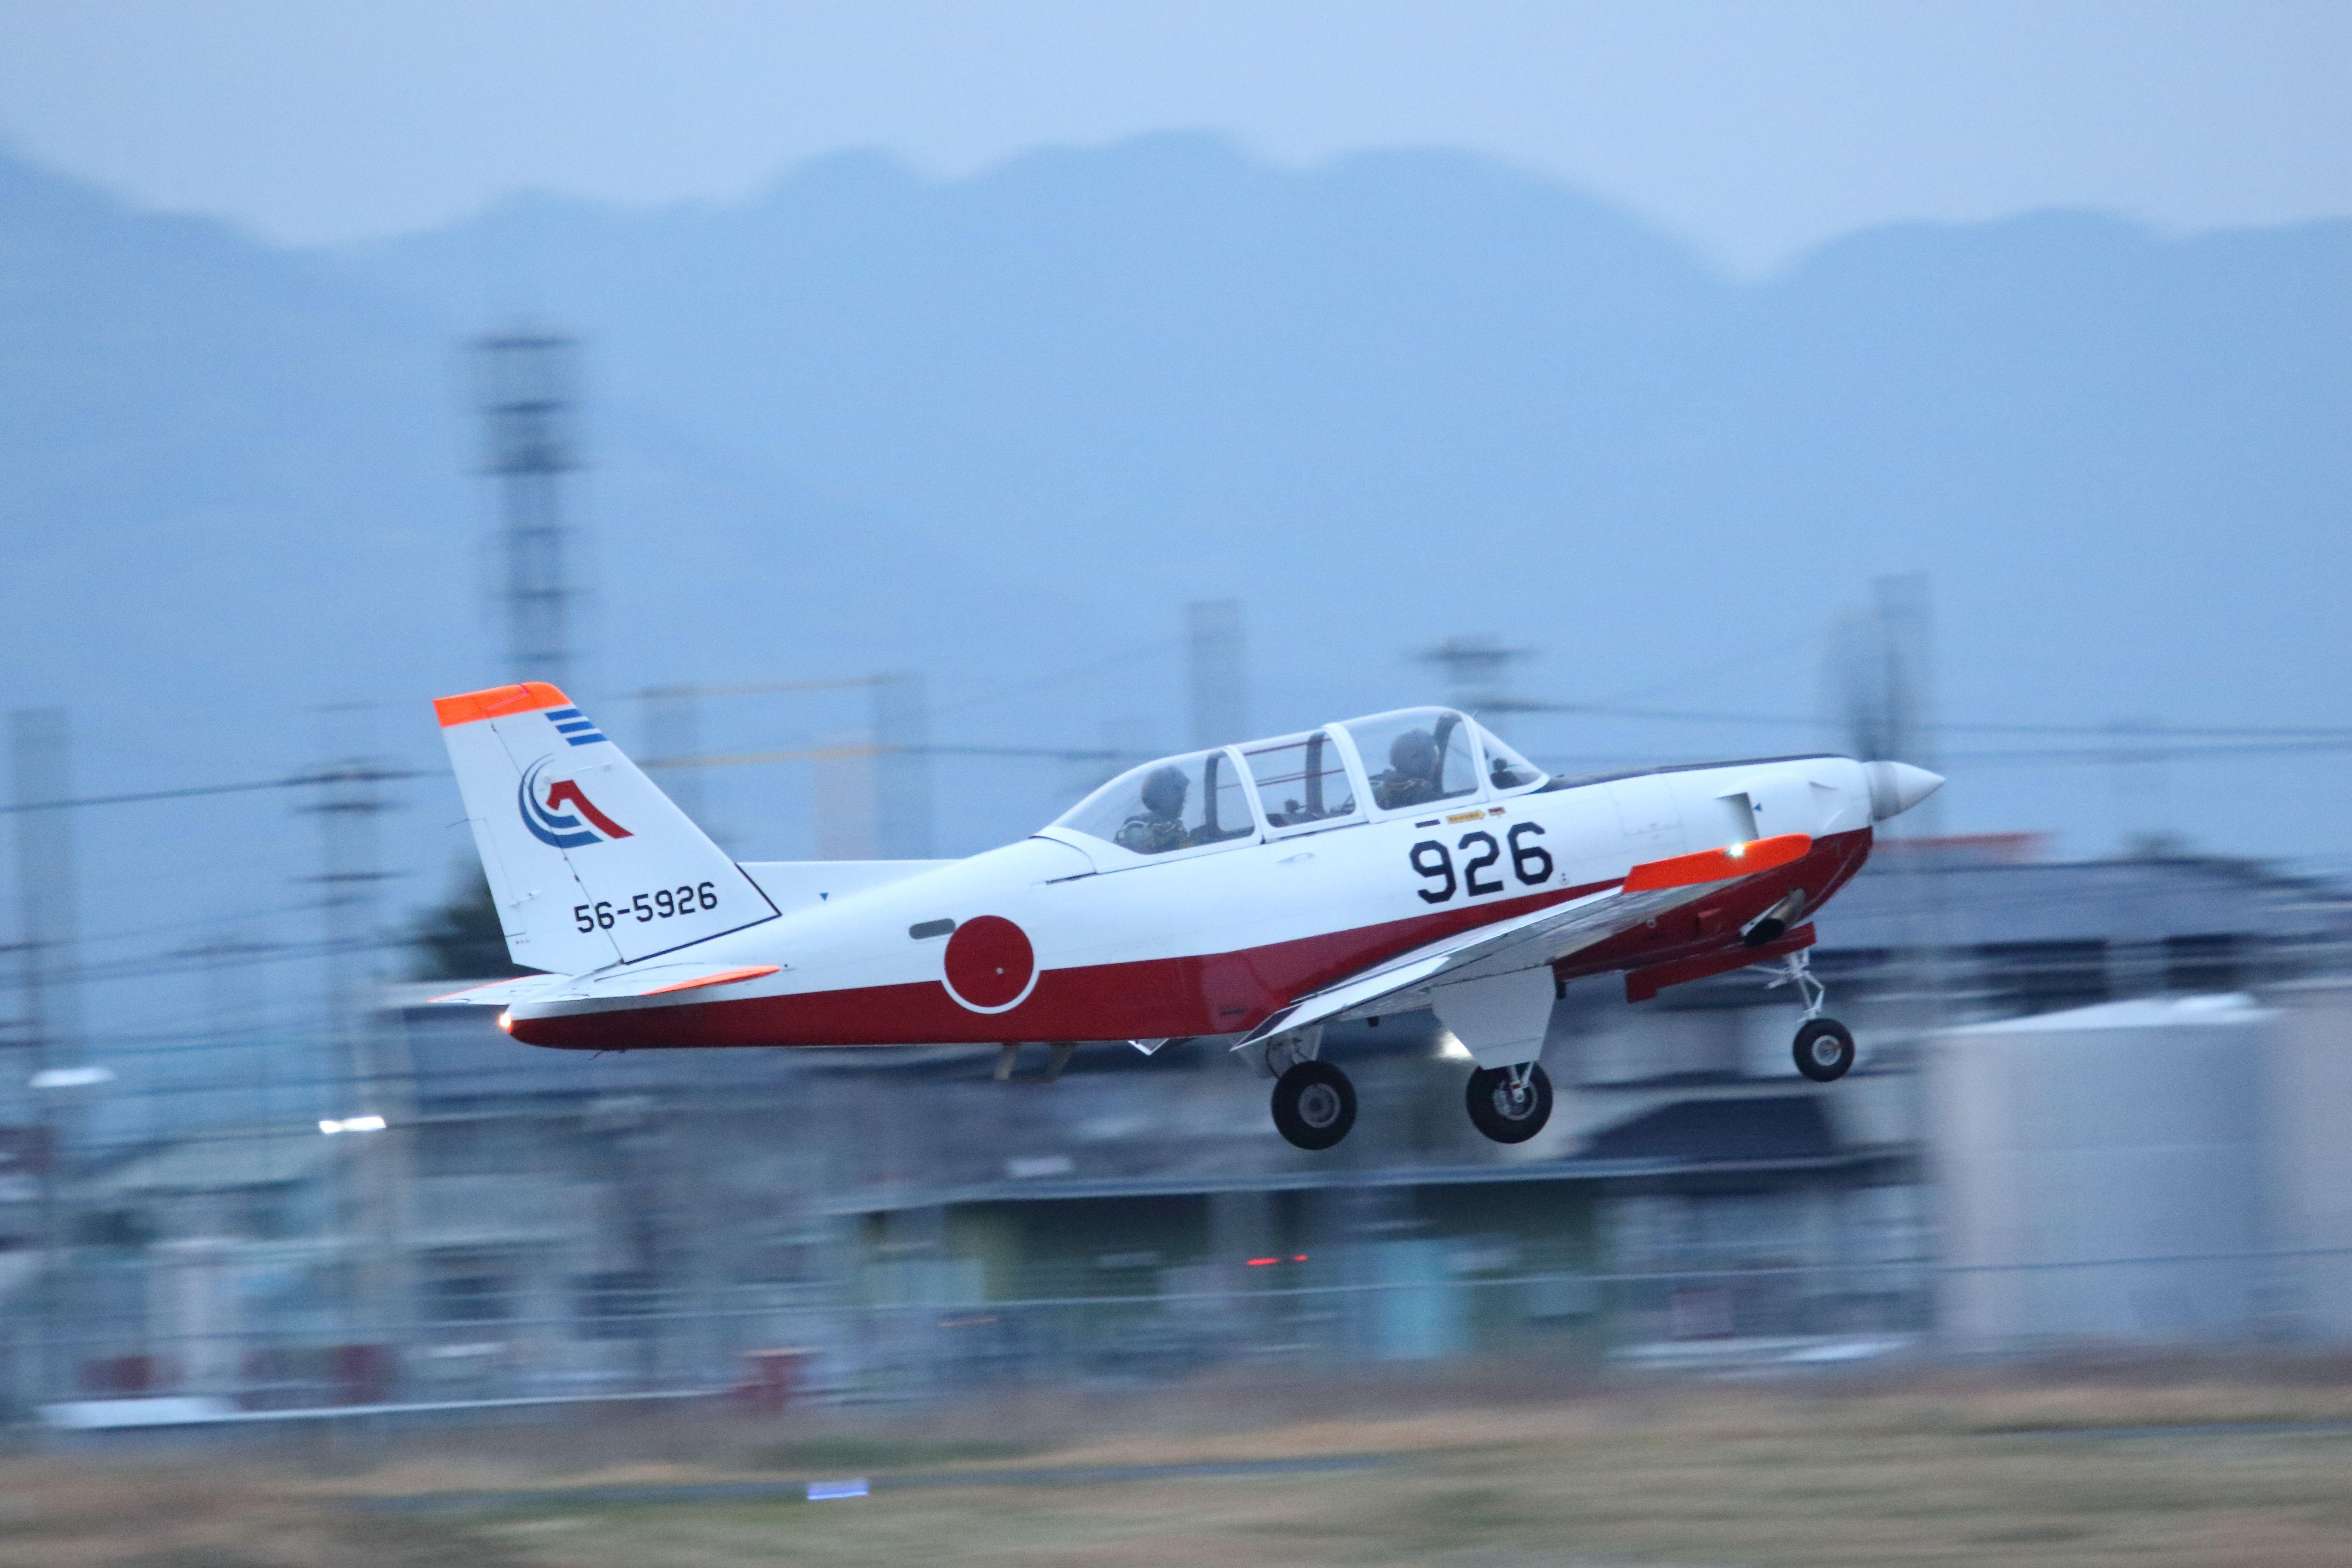 静浜基地 夜間飛行訓練 002